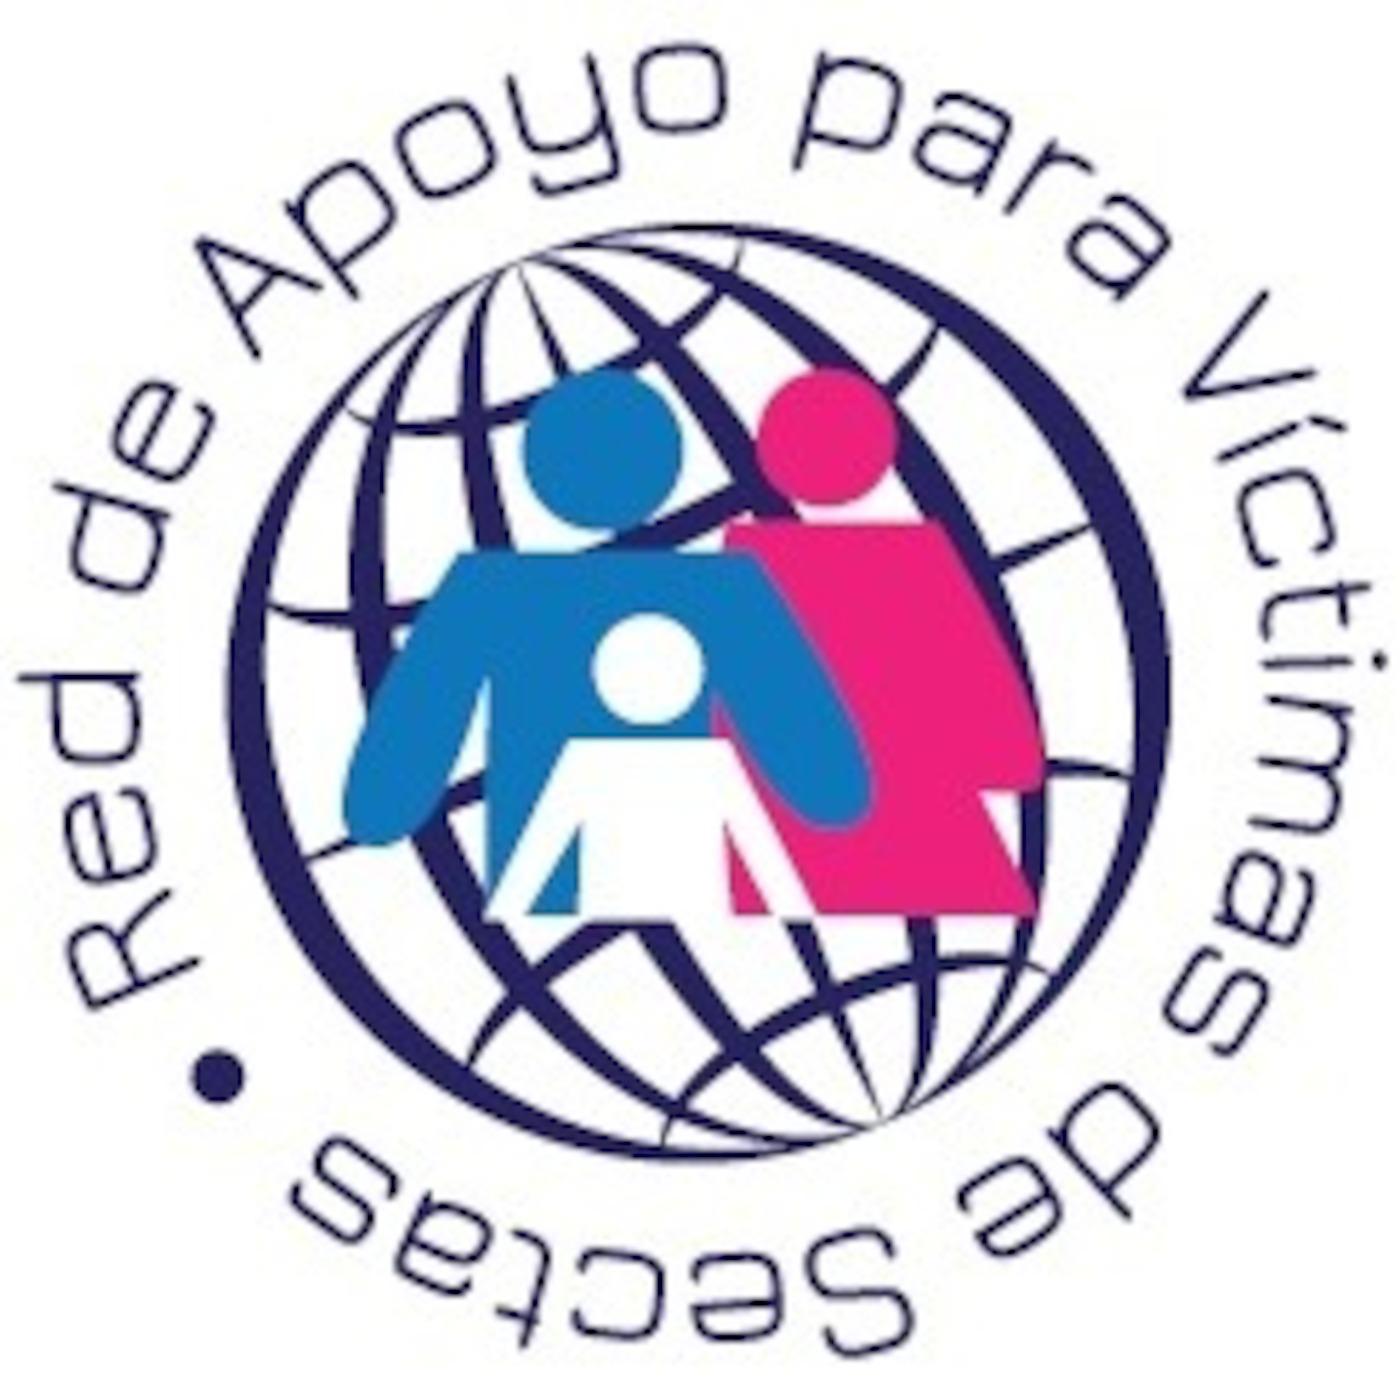 Red De Apoyo, Inc.